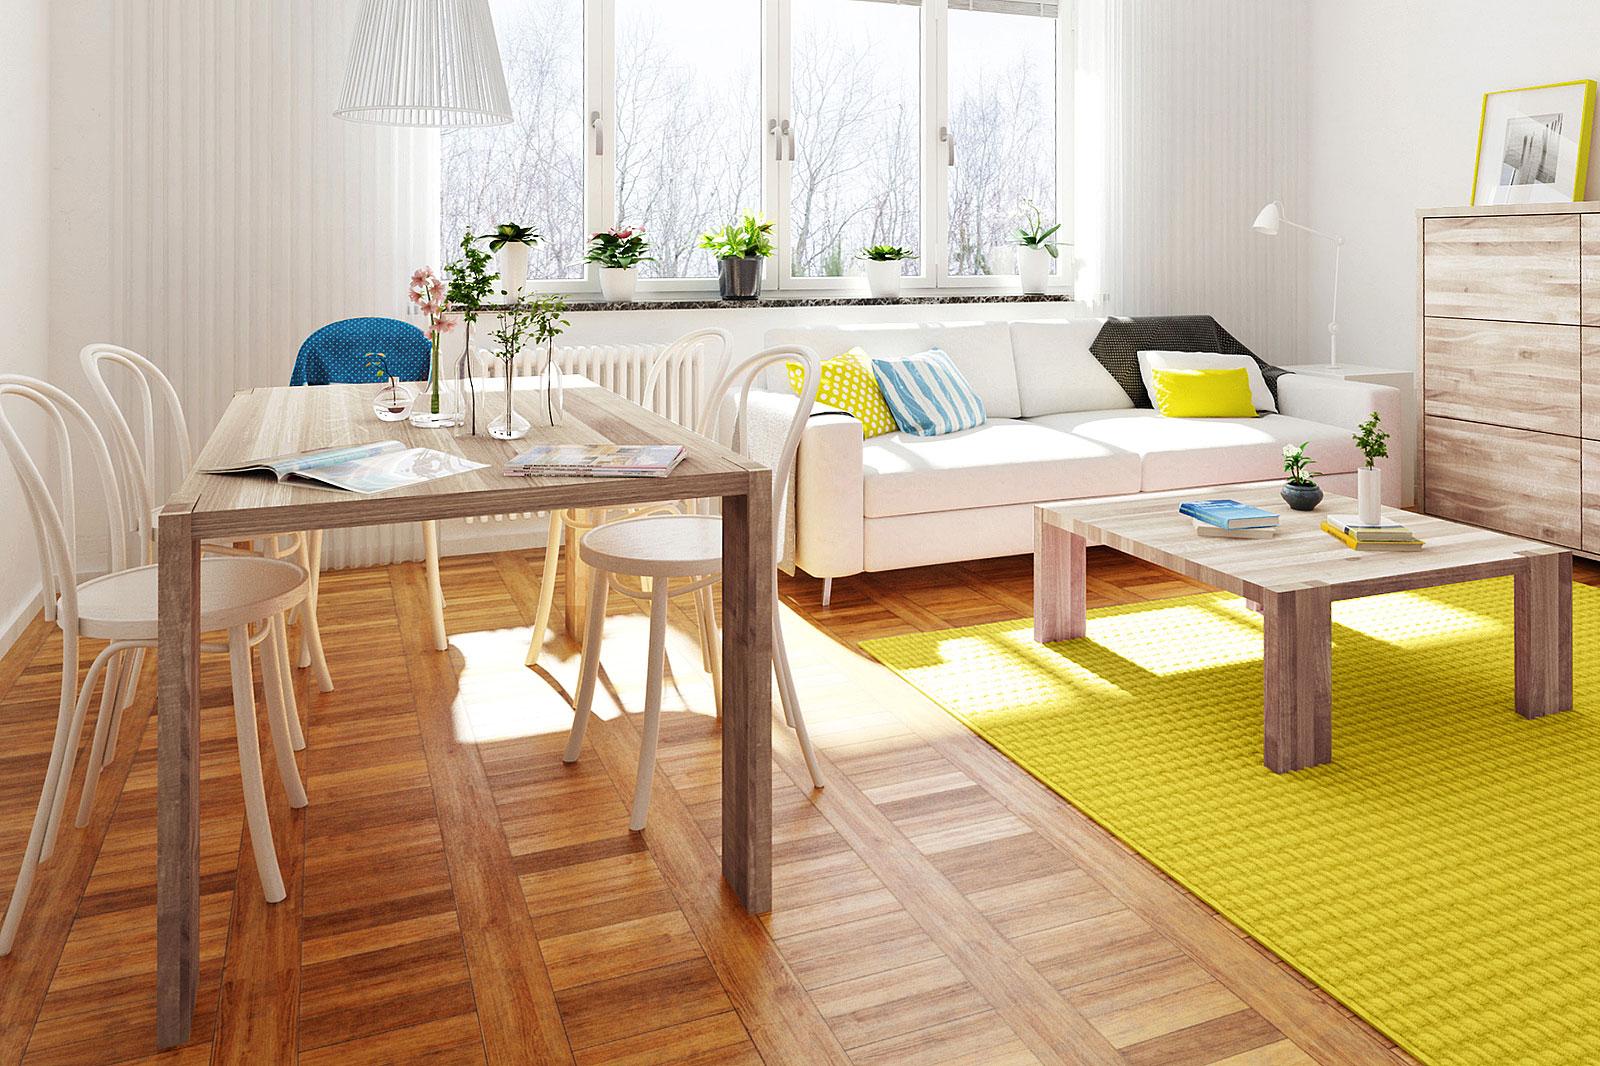 Salon z jadalnią w ciepłych kolorach